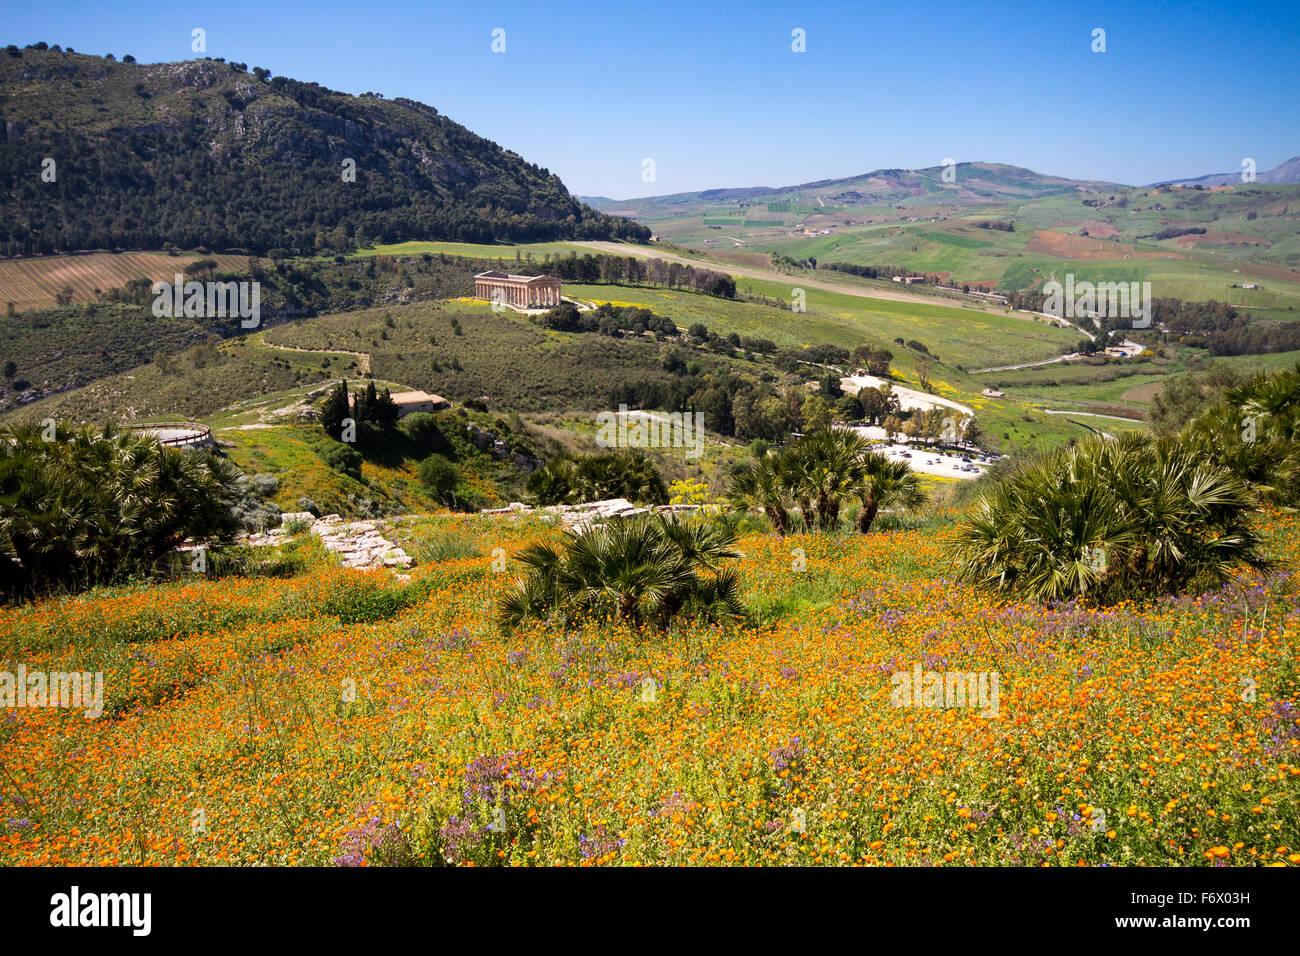 Blühende Blumen in der sizilianischen Landschaft, antike Stätte von Segesta, Sizilien, Italien Stockbild